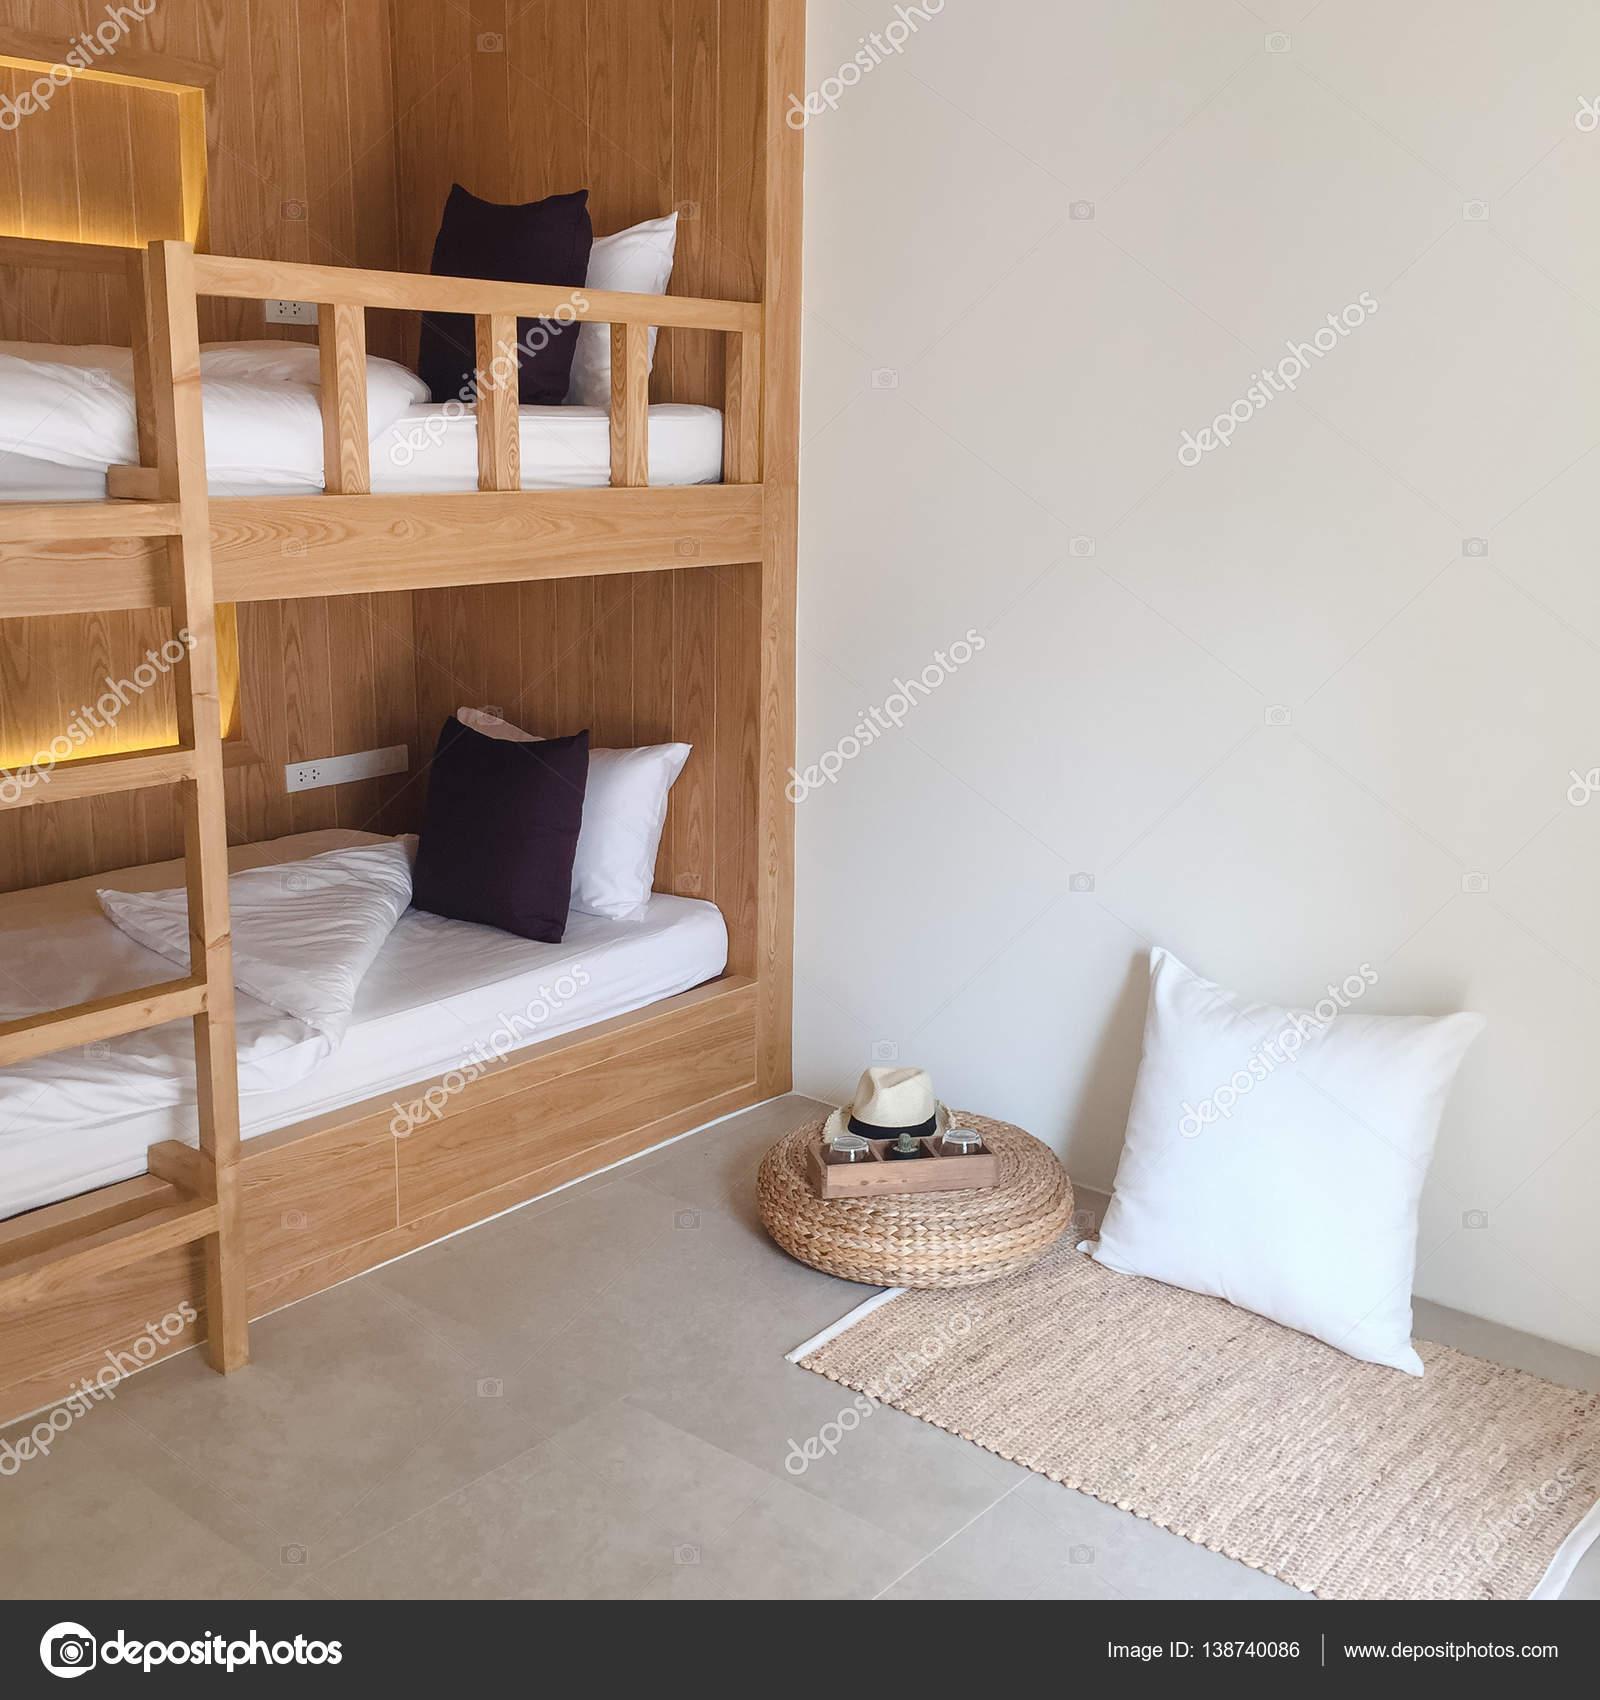 Albergue limpio habitaciones con literas de madera — Fotos de Stock ...